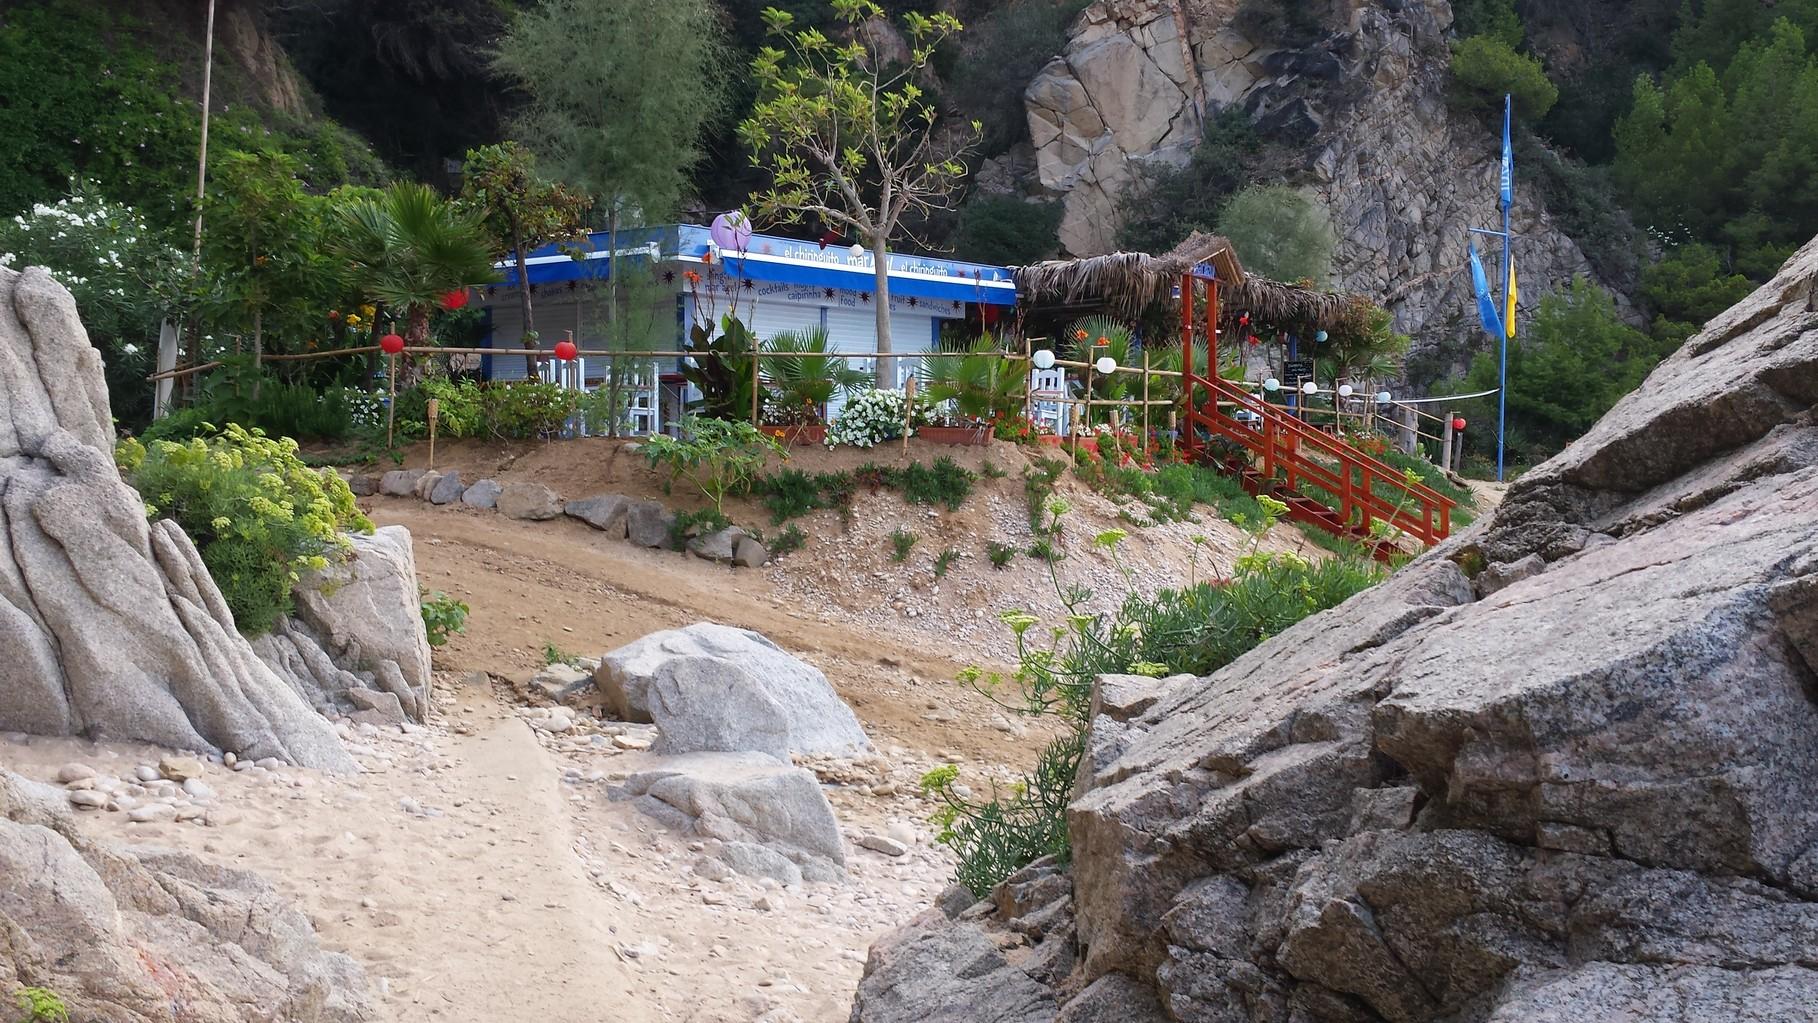 Bar coctelería en la playa, Mar azul